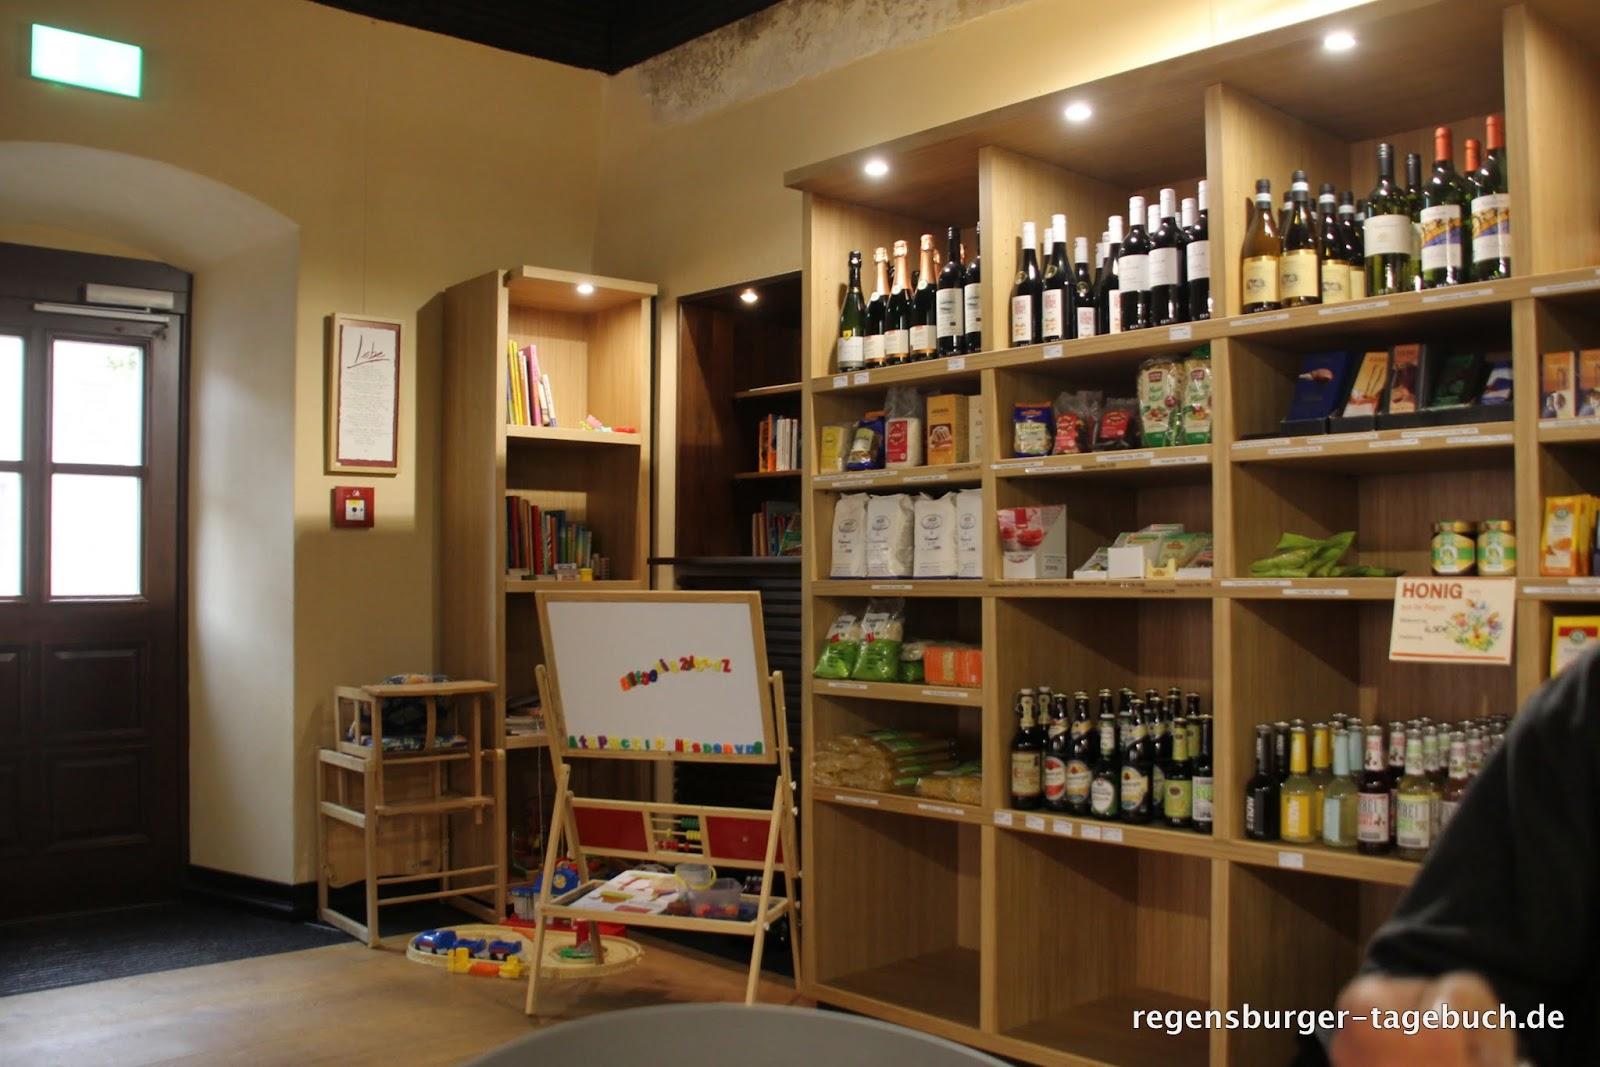 regensburger tagebuch das neue tom 39 s cafe mitten in regenstauf. Black Bedroom Furniture Sets. Home Design Ideas